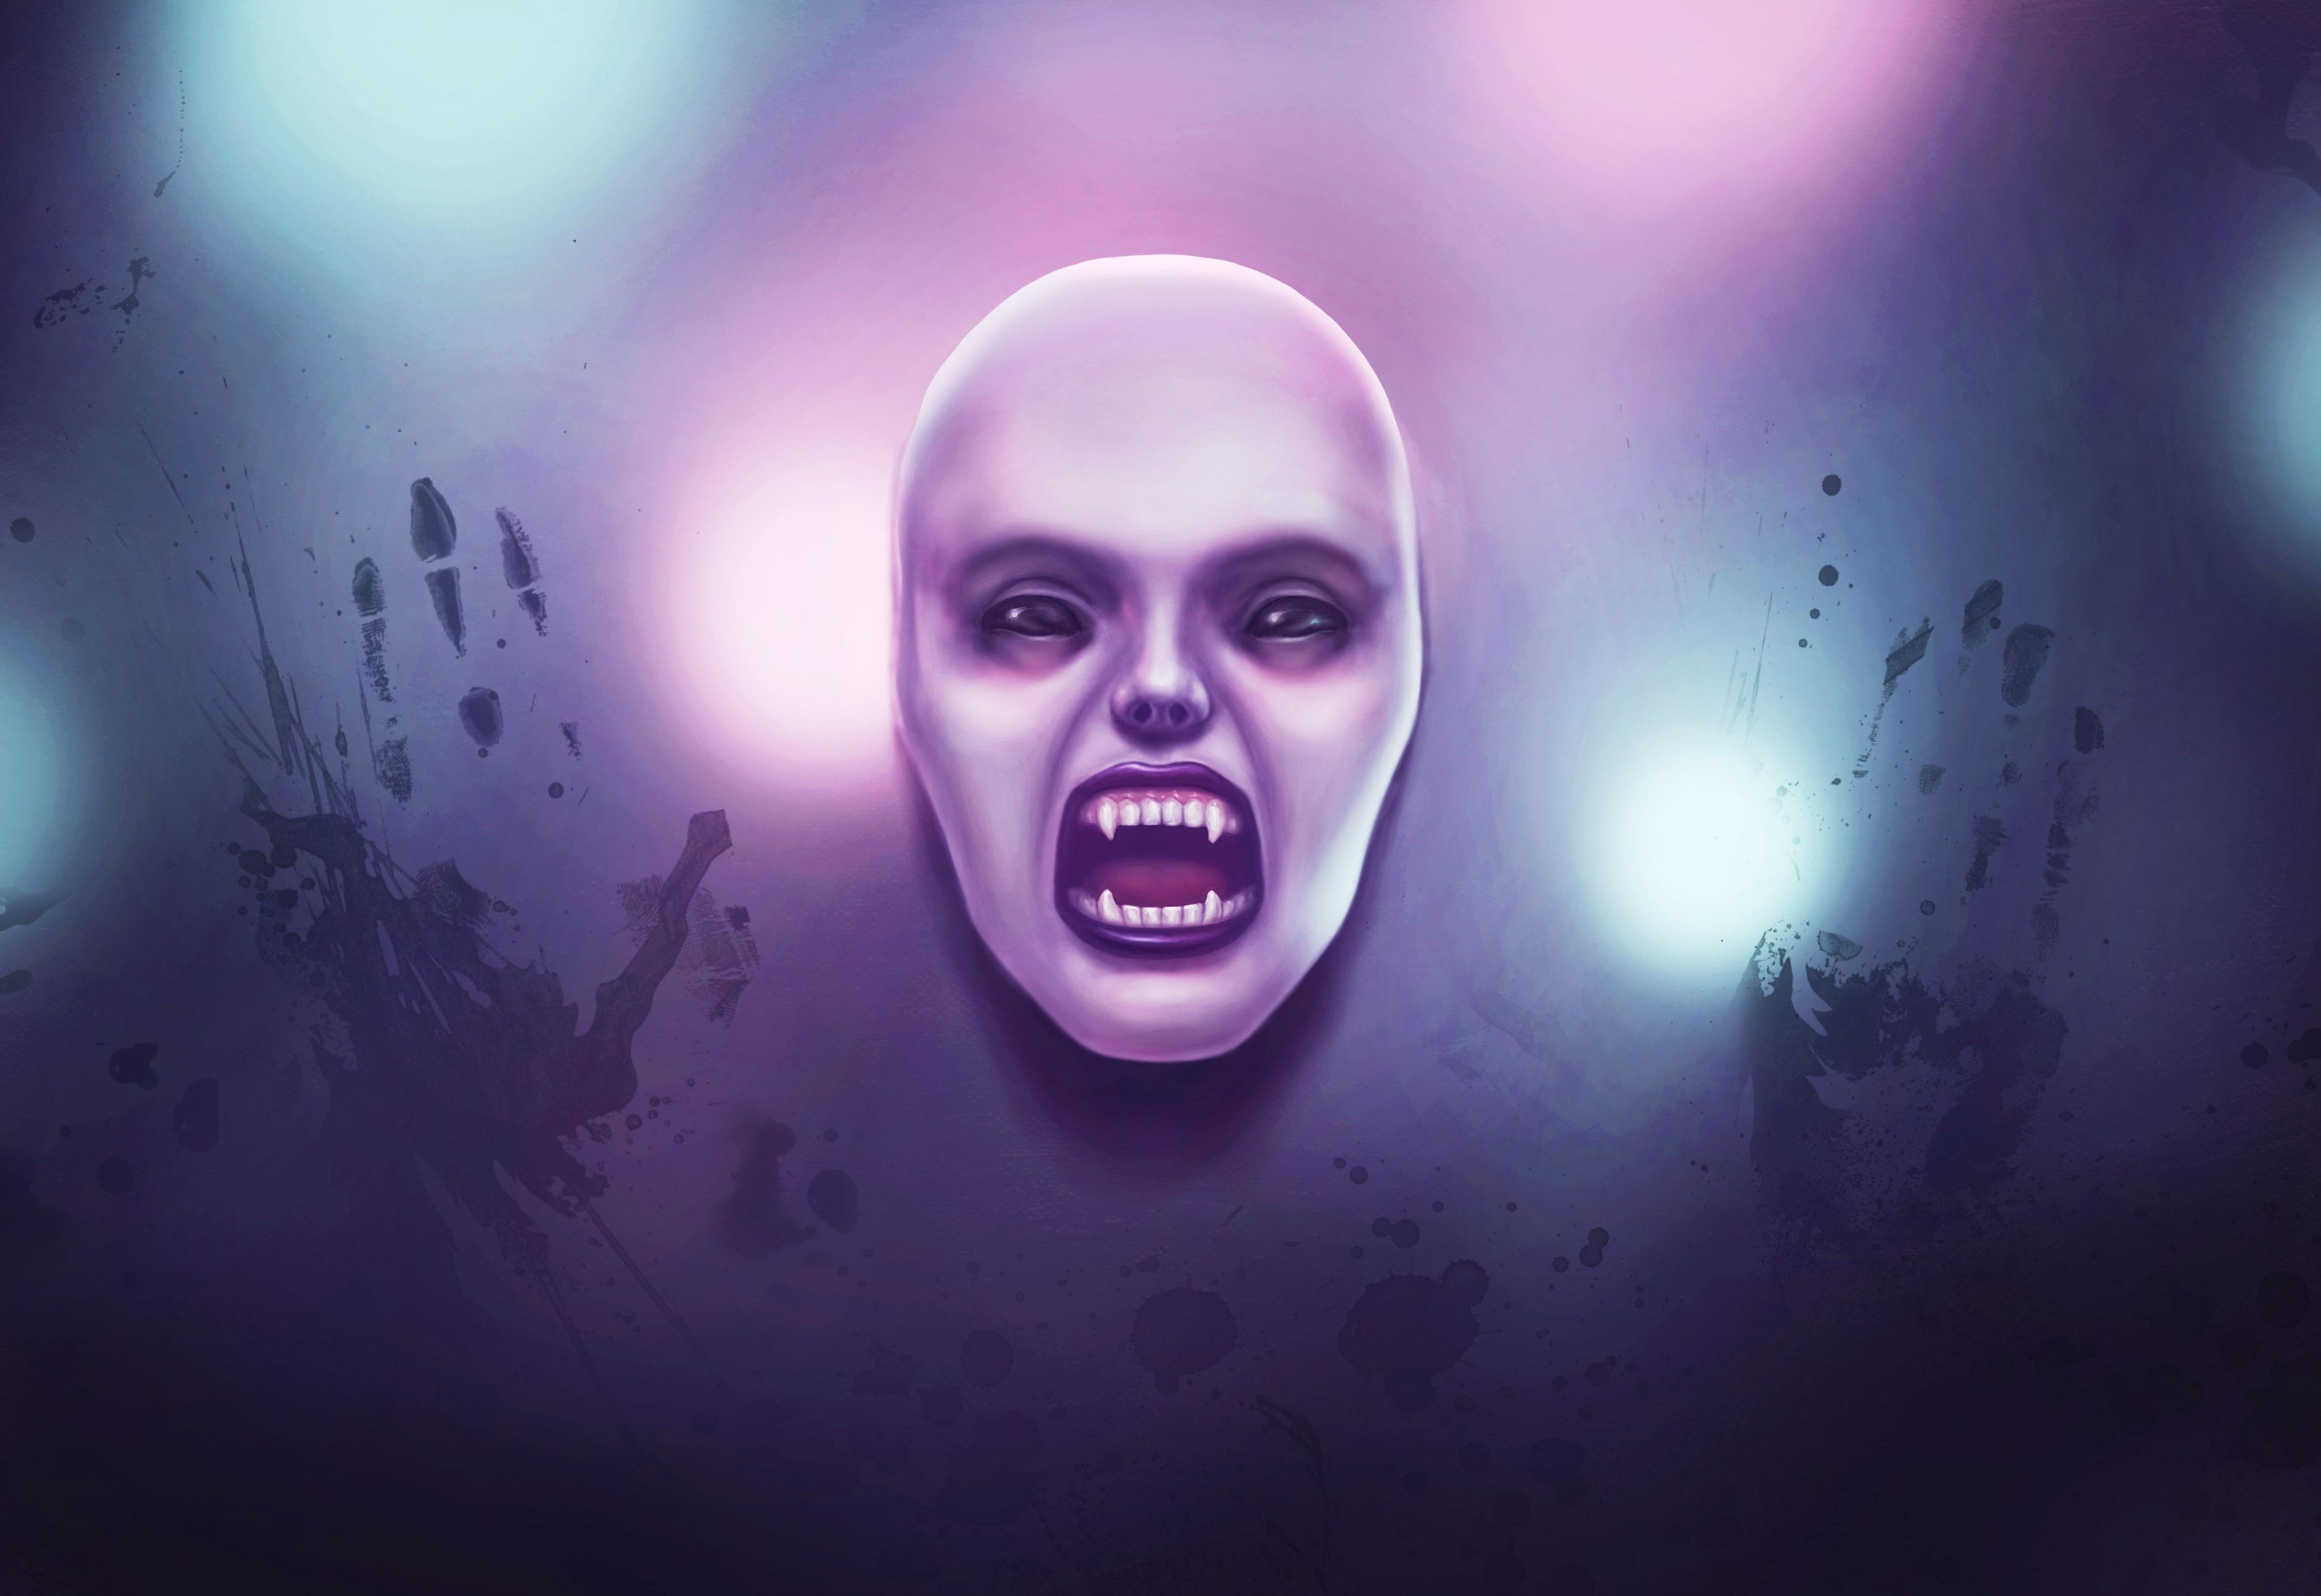 Illustration Vampire Gir art by artist Alice Crof Иллюстрация девушка вампир пролазит сквозь стену из запотевшего стекла